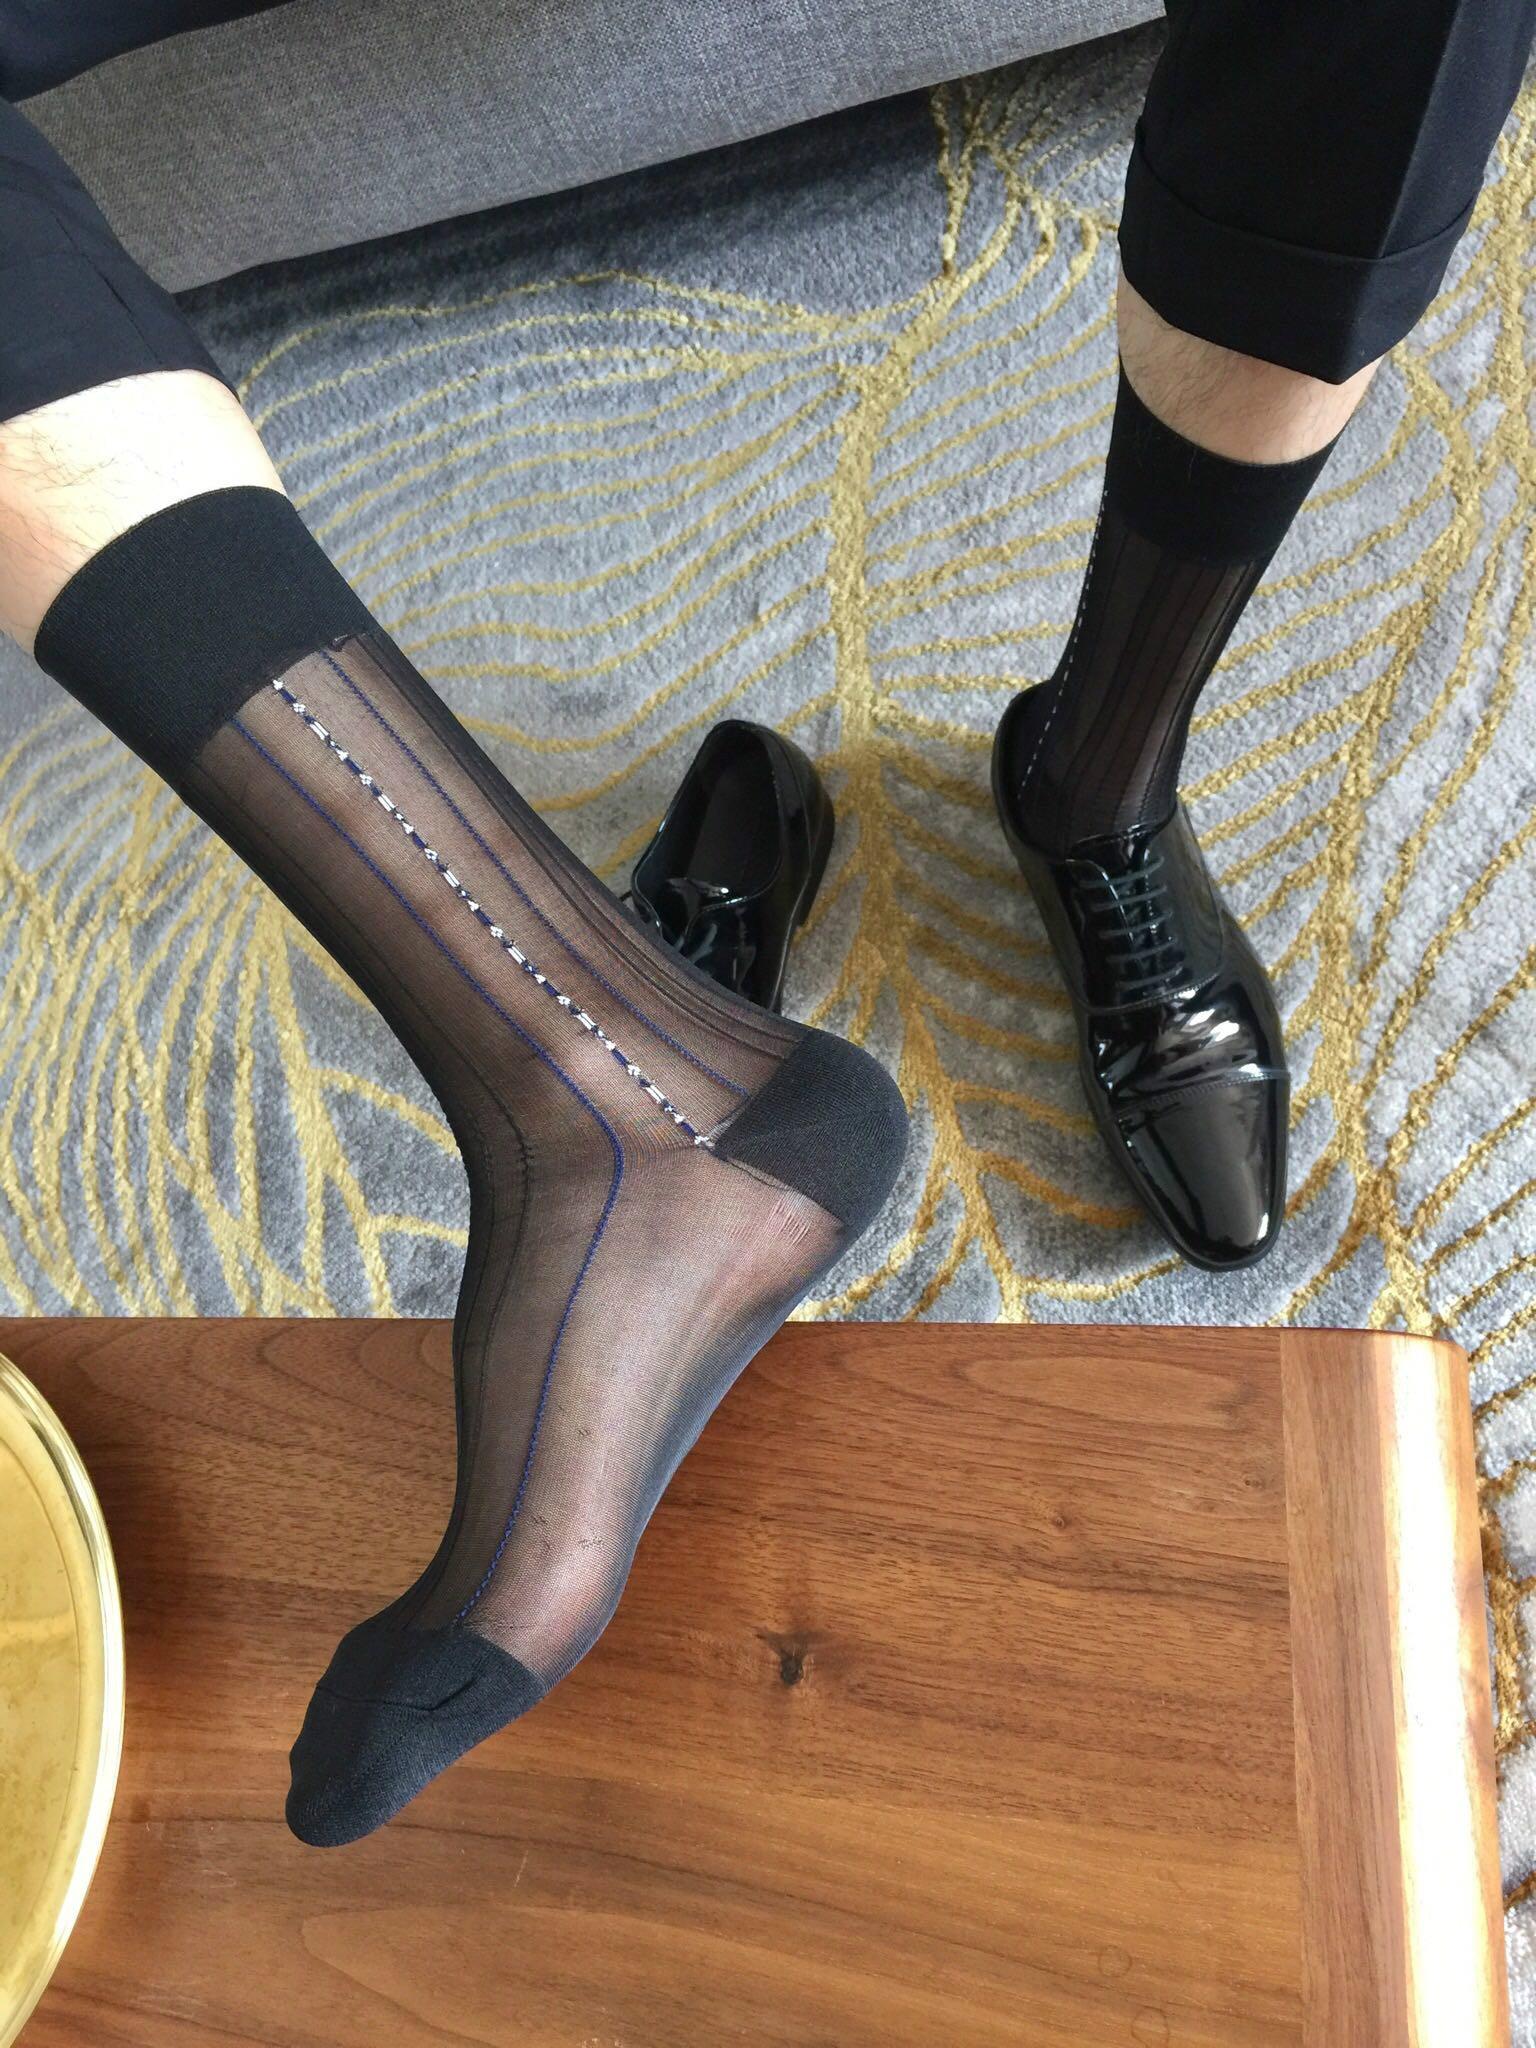 Tube Socks Dress Socks Gifts For Men Male Sheer Socks Exotic Formal Dress Socks Suit Men Wear Sheer Socks Business Dress Stocks